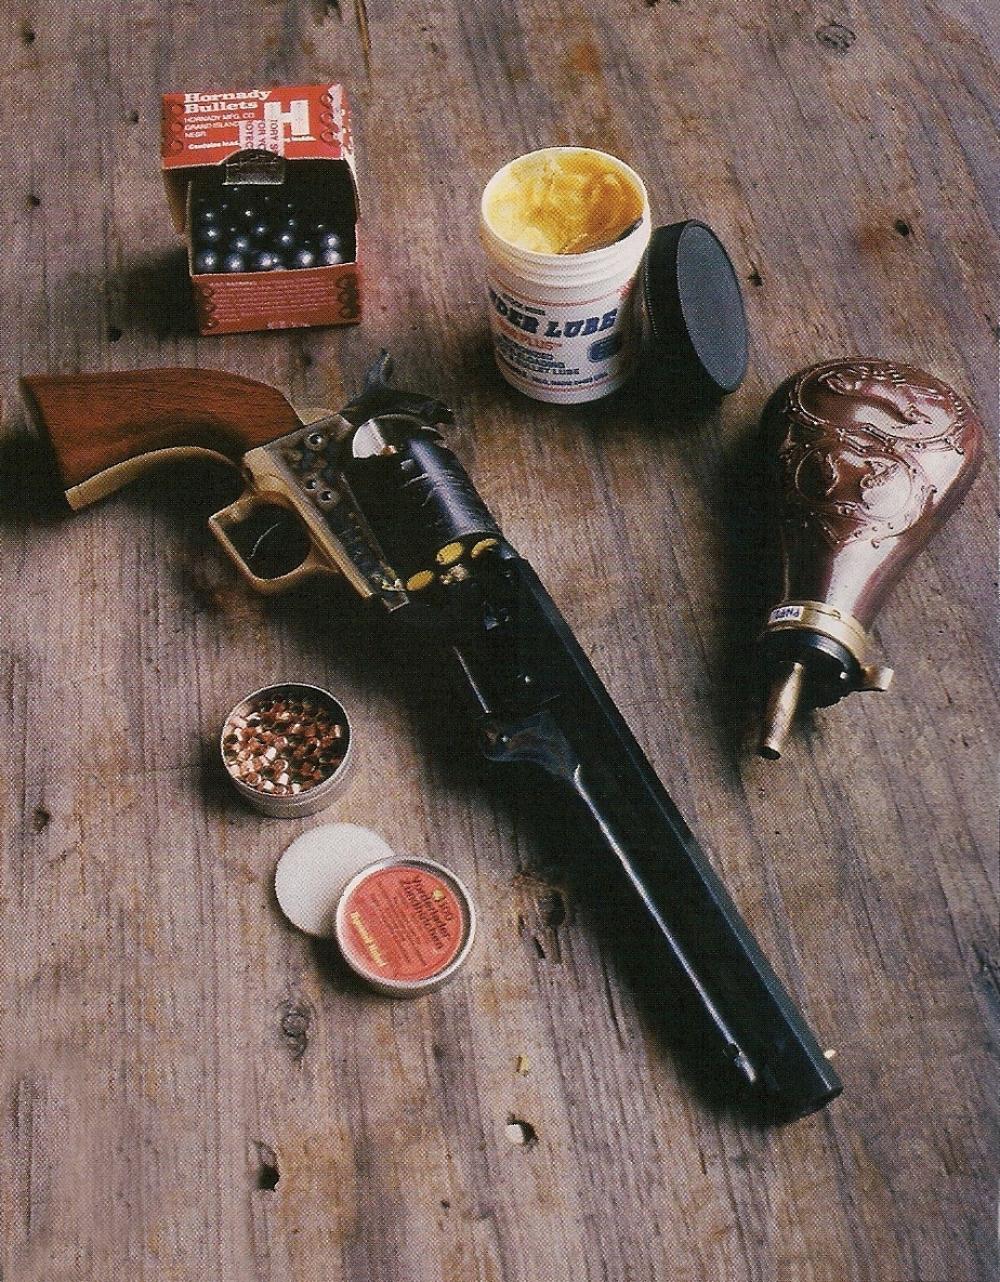 La réplique du Colt modèle 1851 Navy « Squareback », qui vient d'être chargée, est accompagnée des ingrédients indispensables à son utilisation au stand : poudre, balles, graisse et amorces.